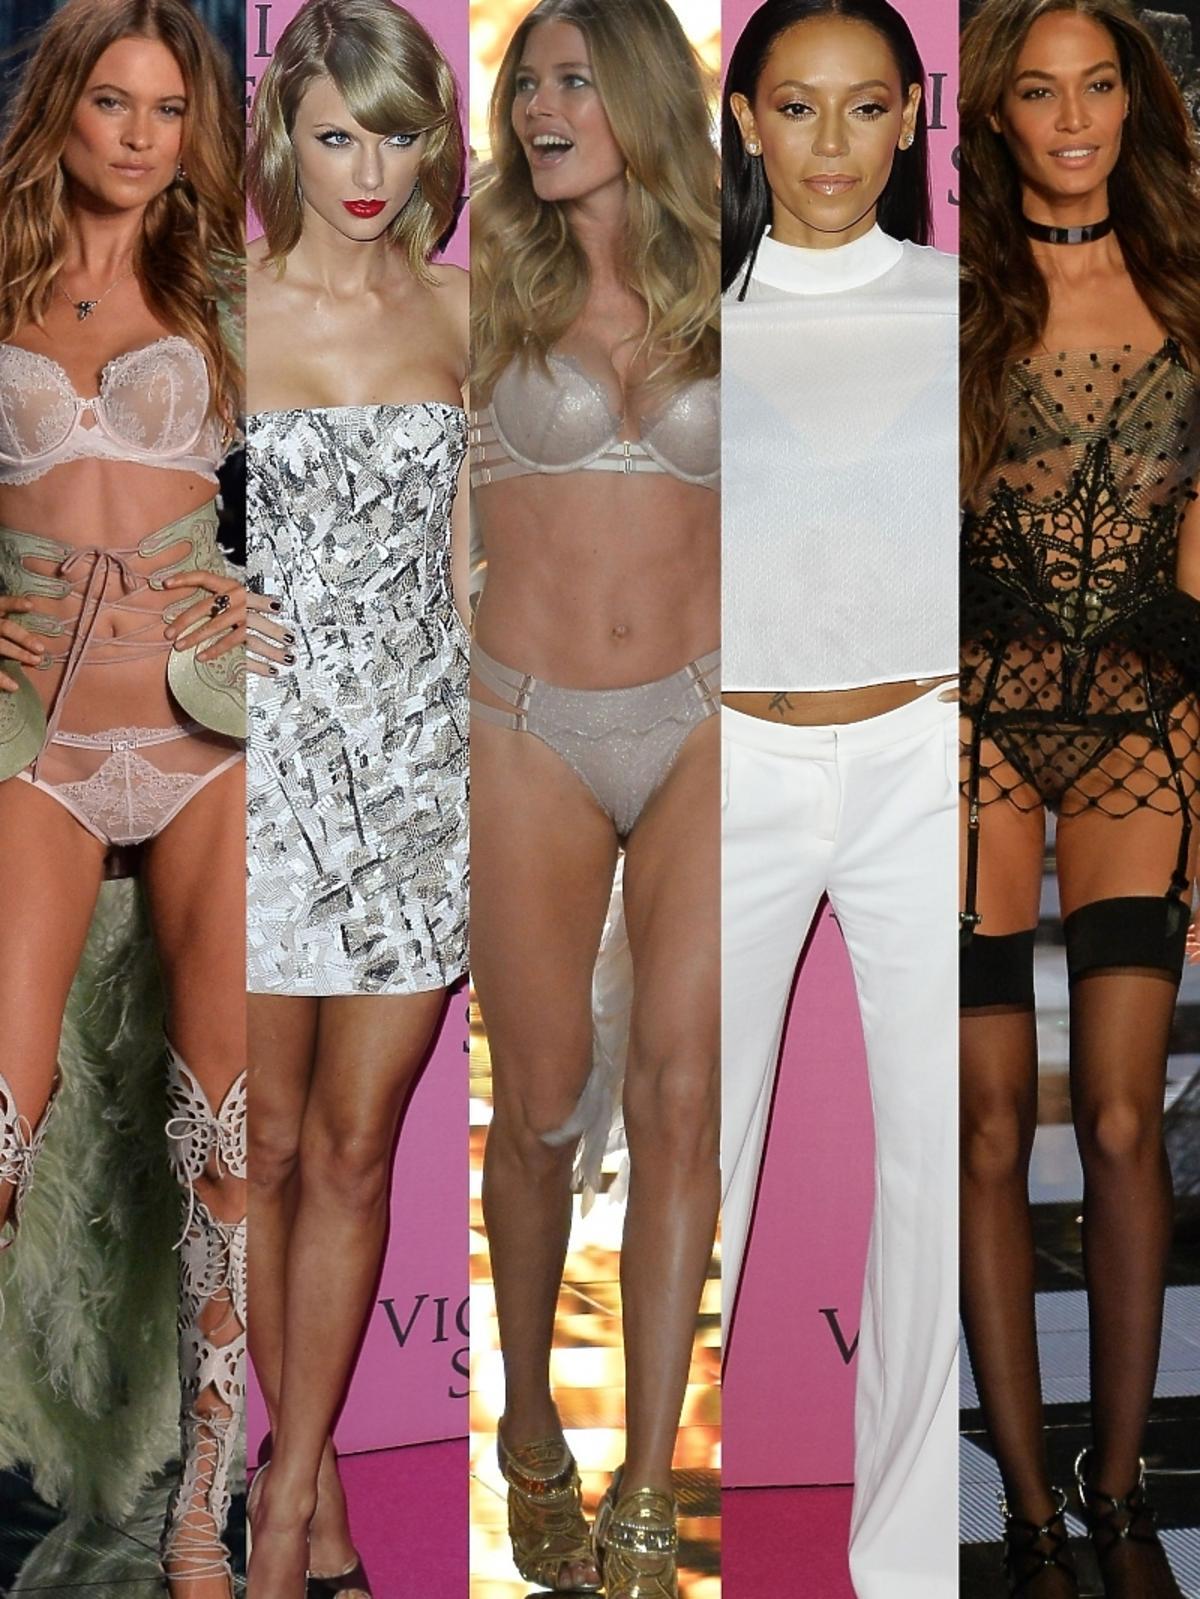 Gwiazdy i modelki na pokazie Victoria's Secret 2014